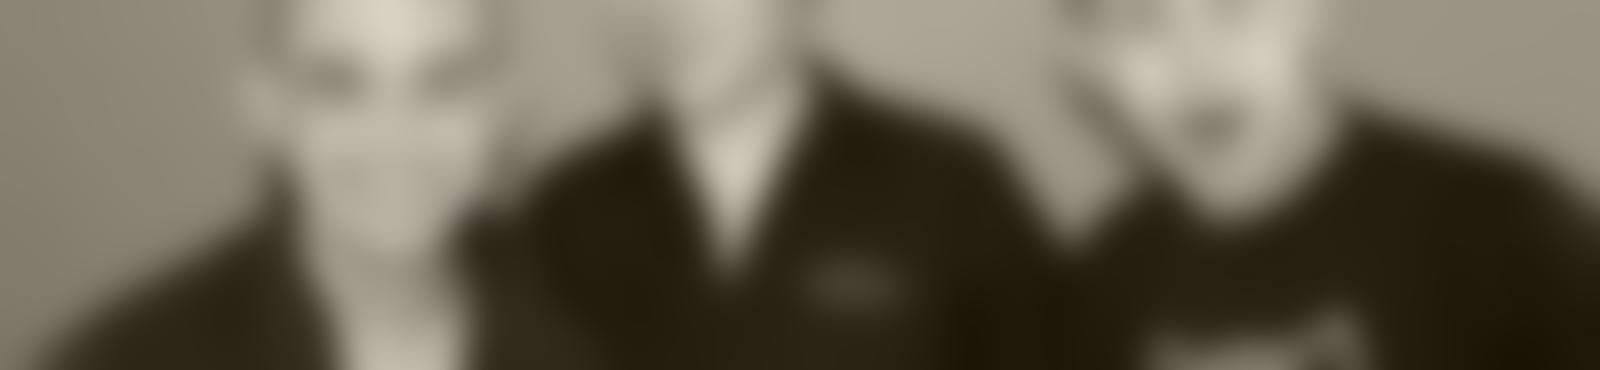 Blurred d149f46b c1ef 4d6d 8172 9b901ac81111